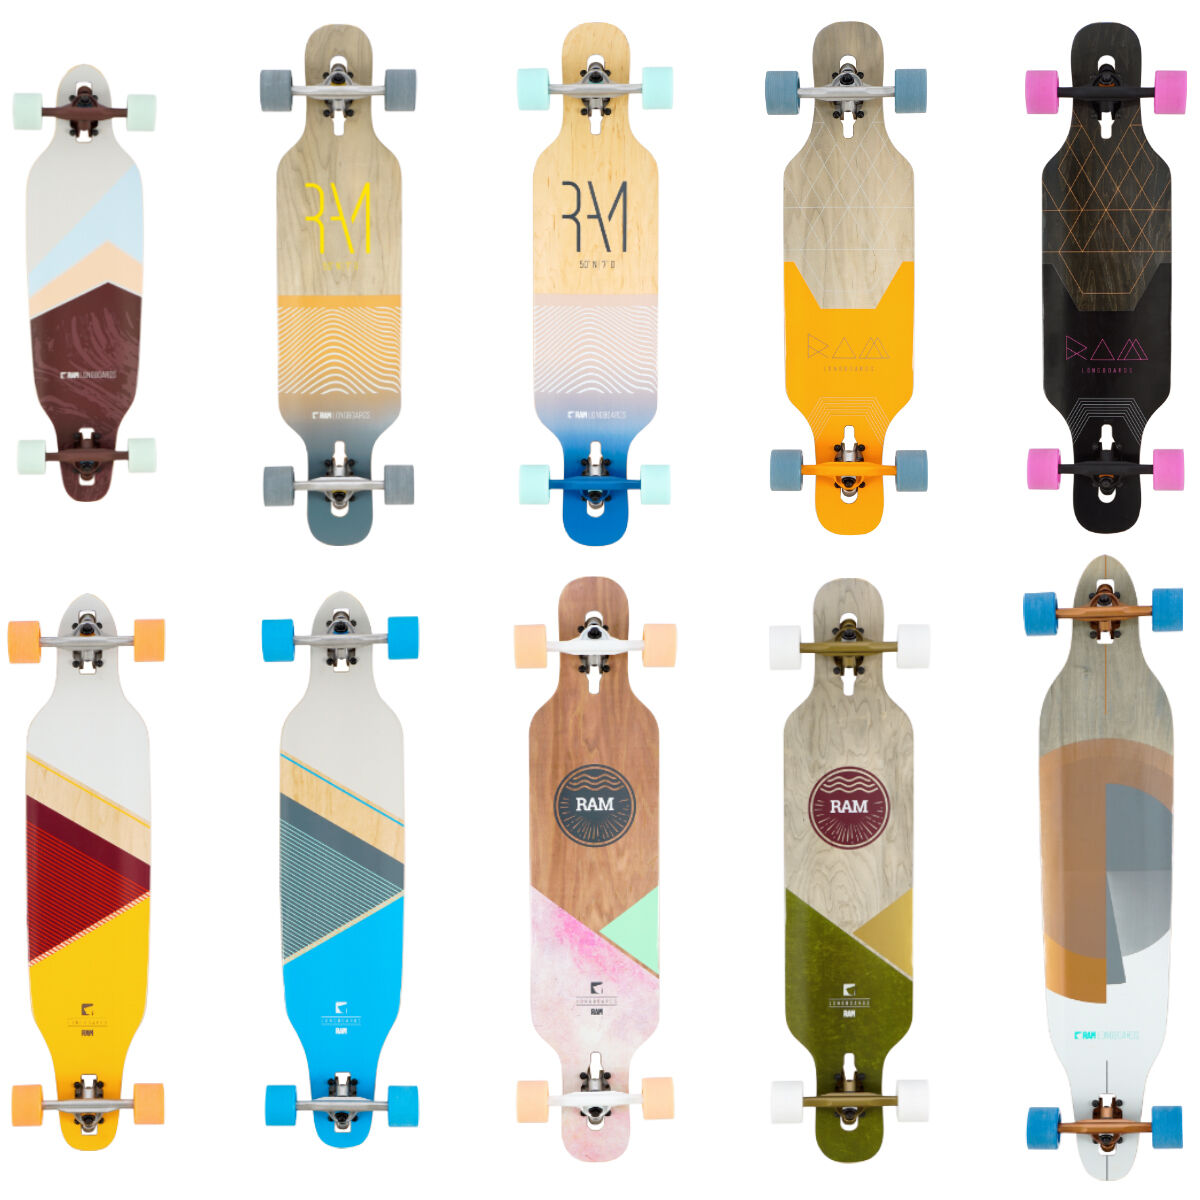 RAM Longboard cruiser komplett board freeride downhill streetsurfer skateboard